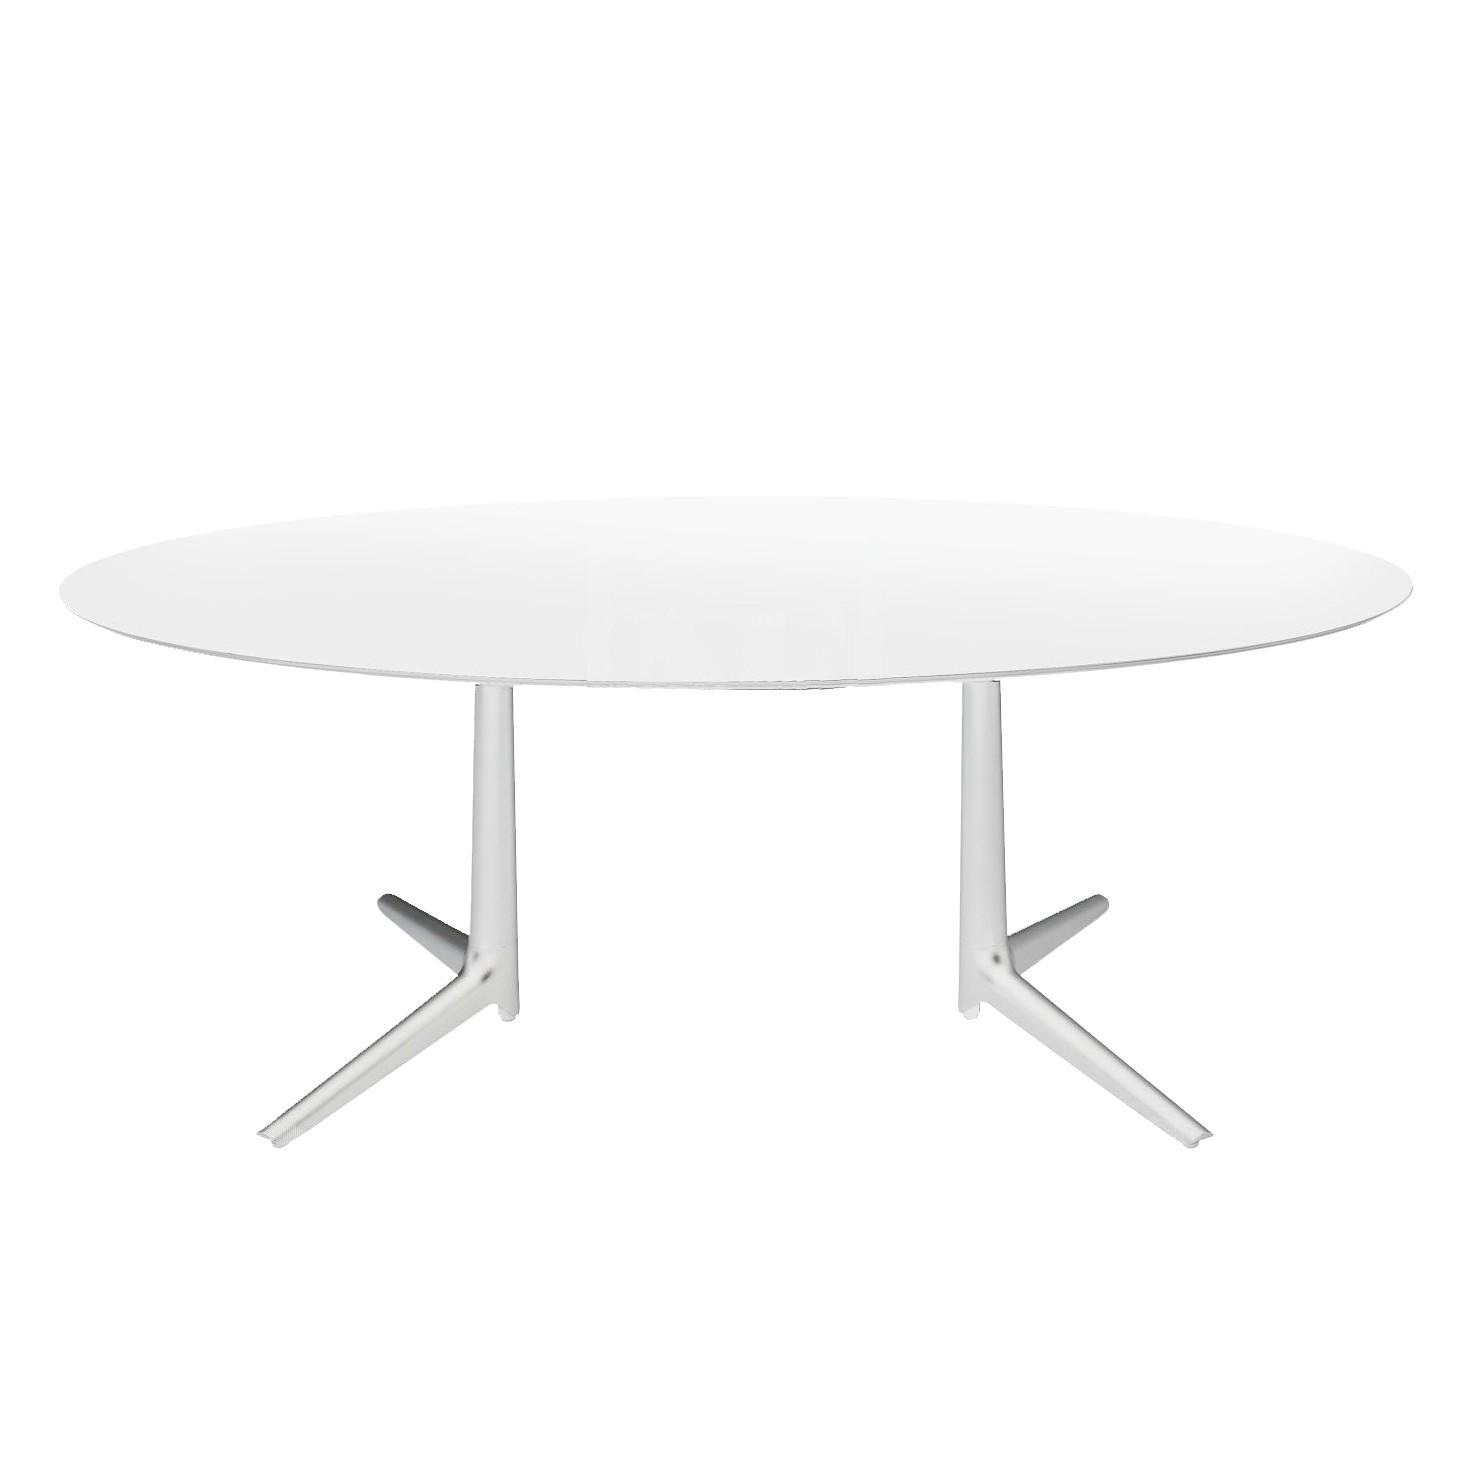 Nouveau Multiplo XL Table Ovale Extérieur Blanc - Plateau Verre par Kartell | YL-83